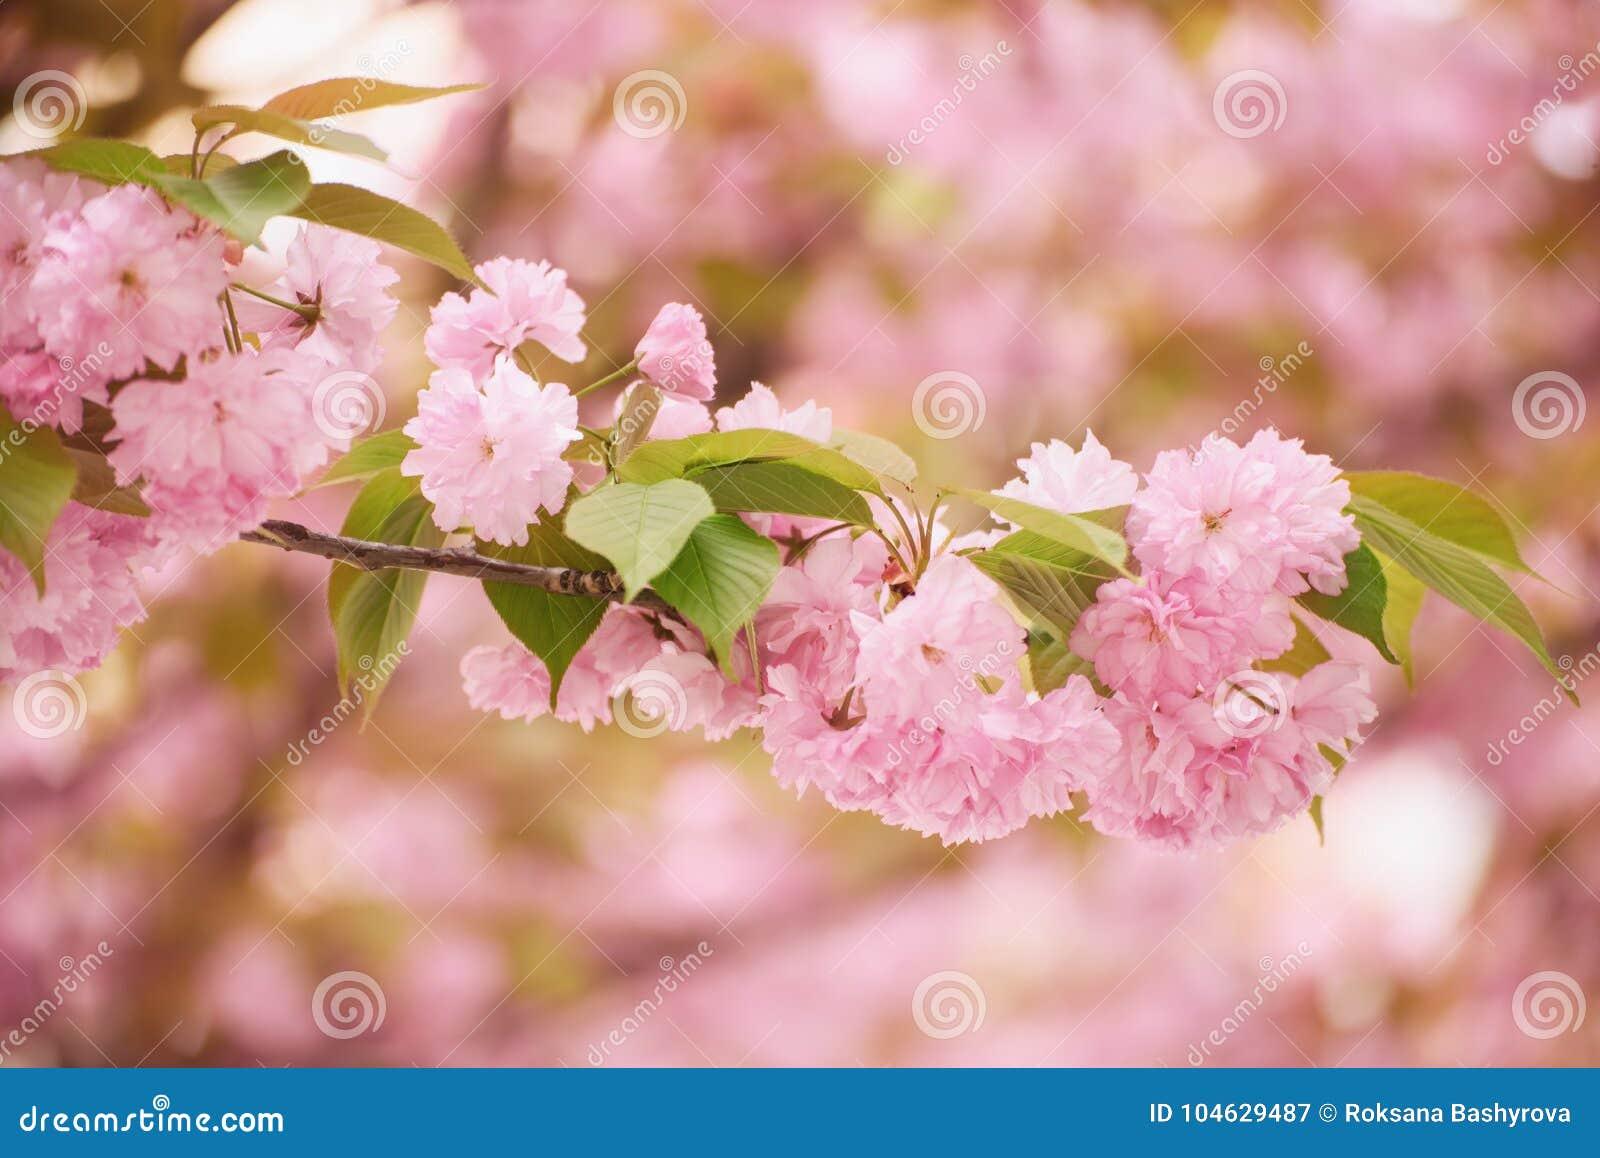 Download De Bloemen Van Sakura Het Bloeien Stock Afbeelding - Afbeelding bestaande uit flora, april: 104629487